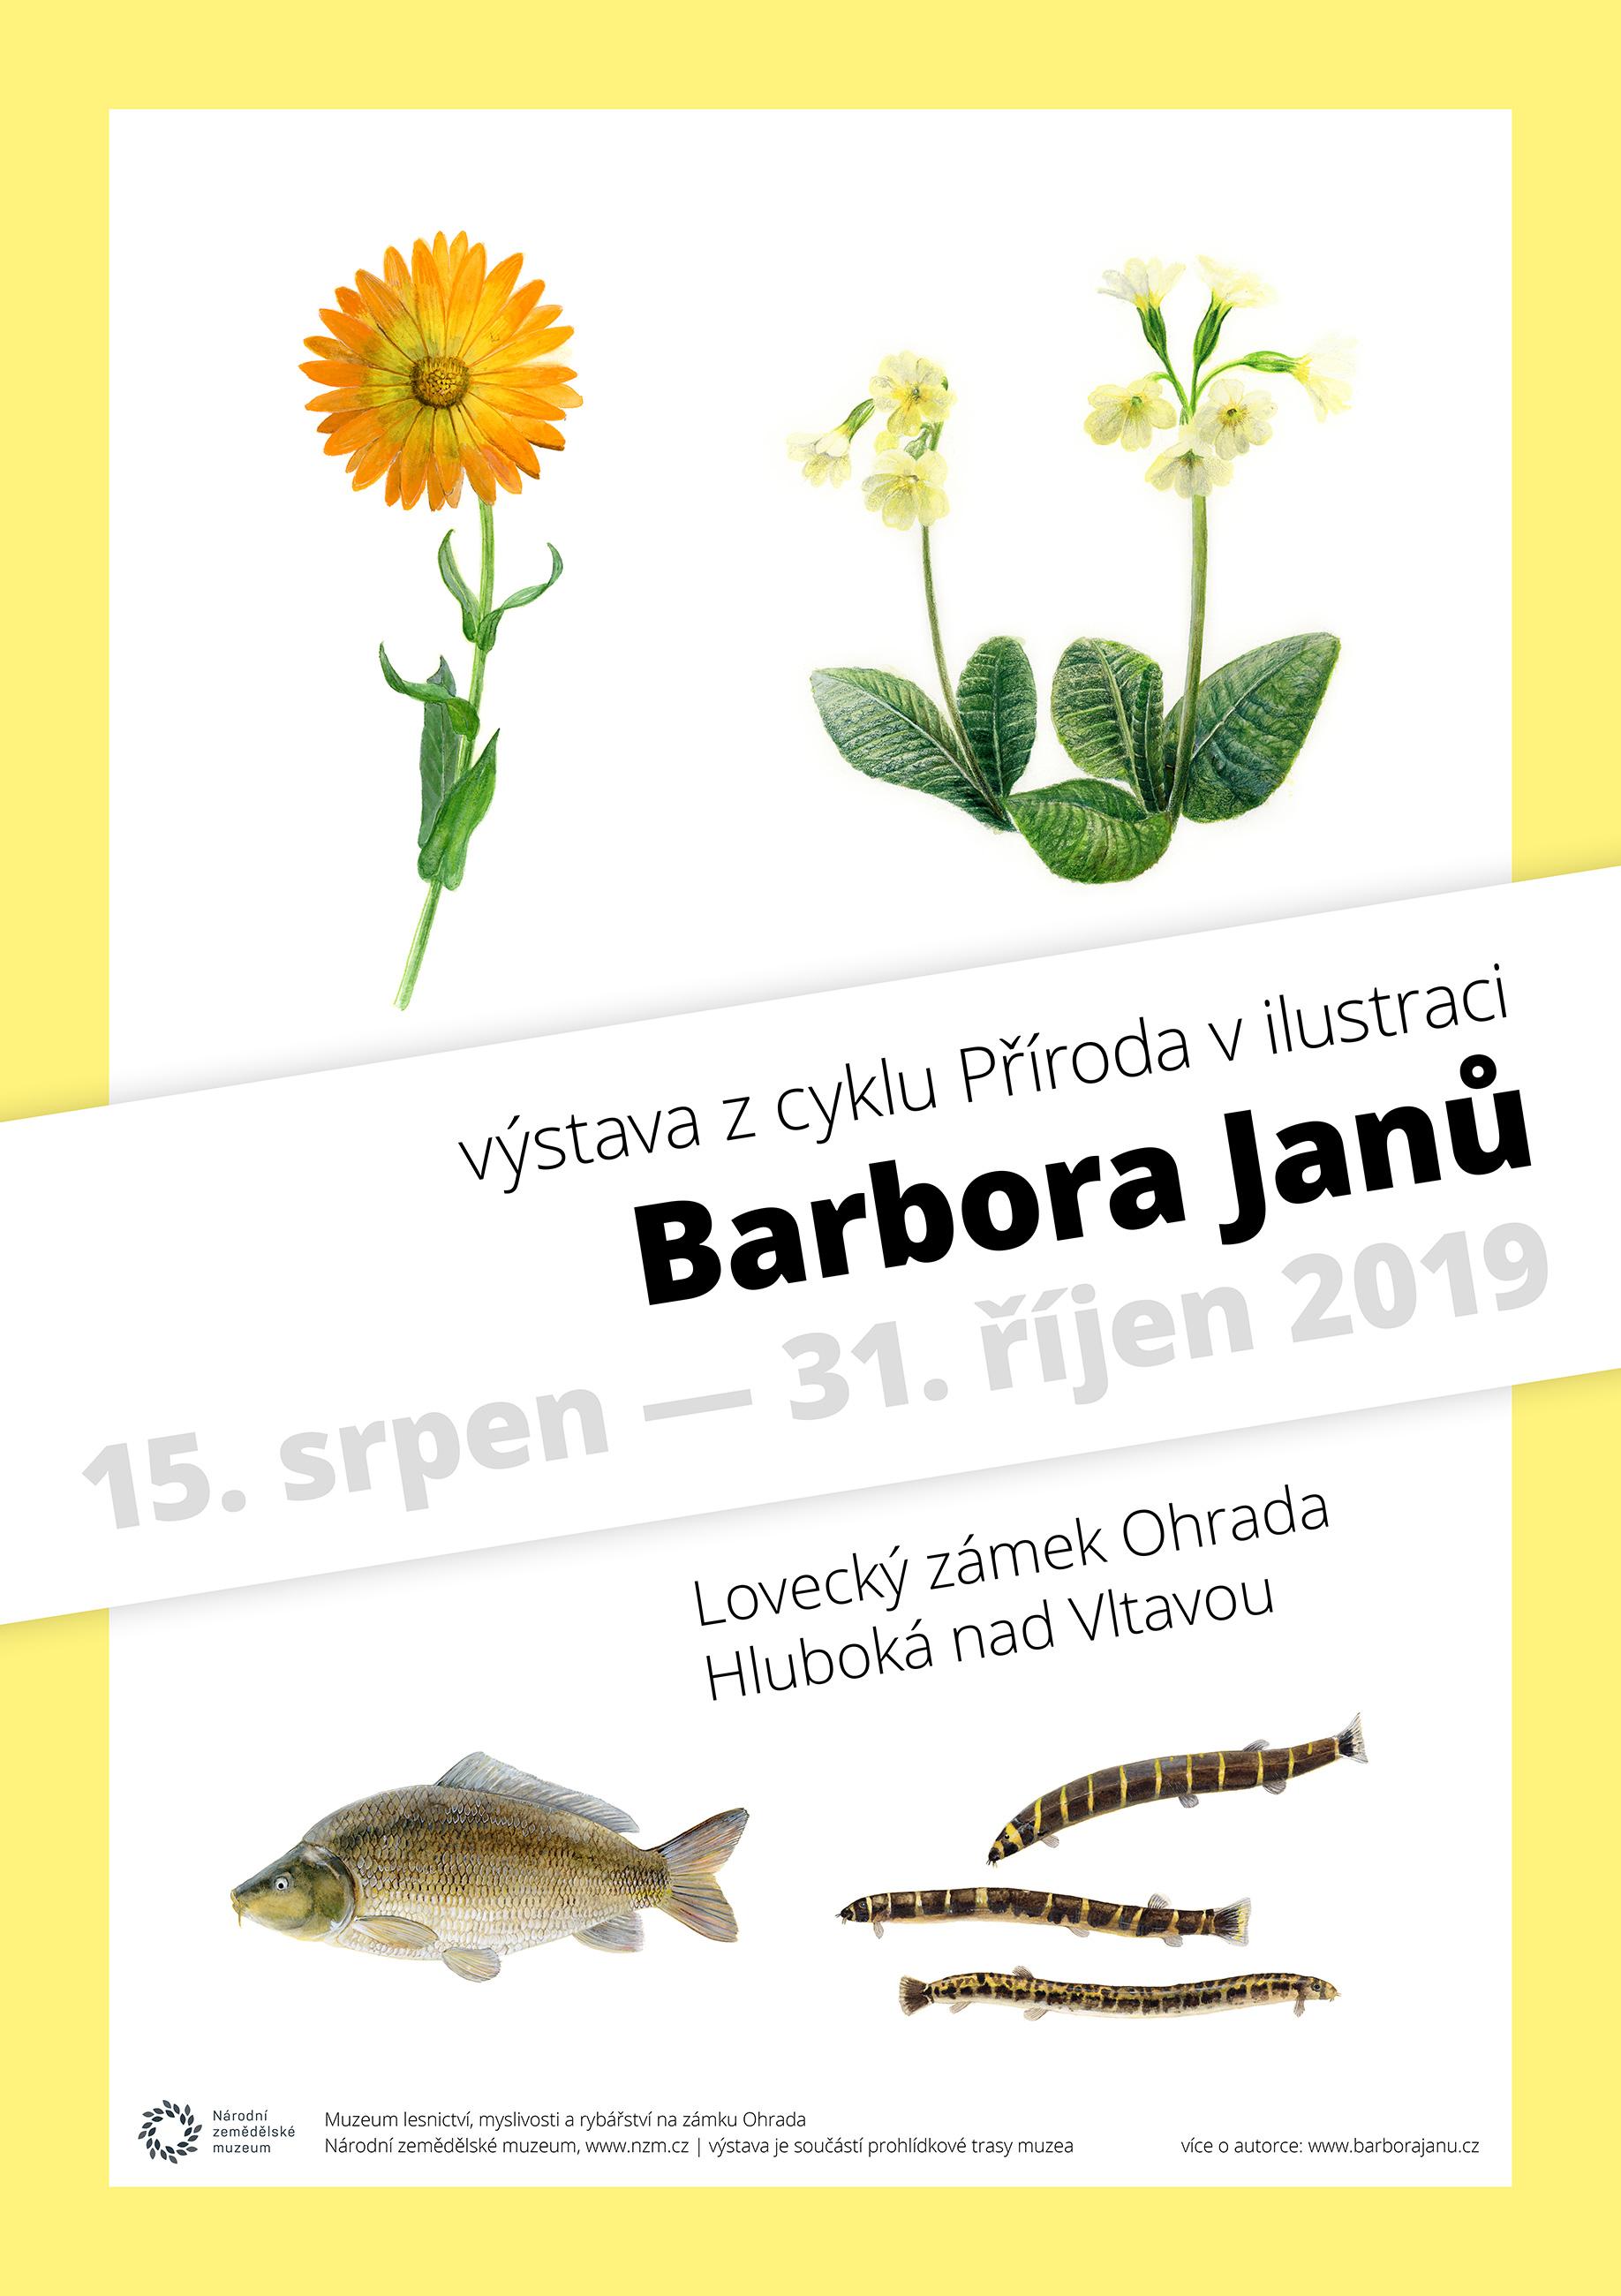 Barbora Janů - plakát na výstavu ilustrací